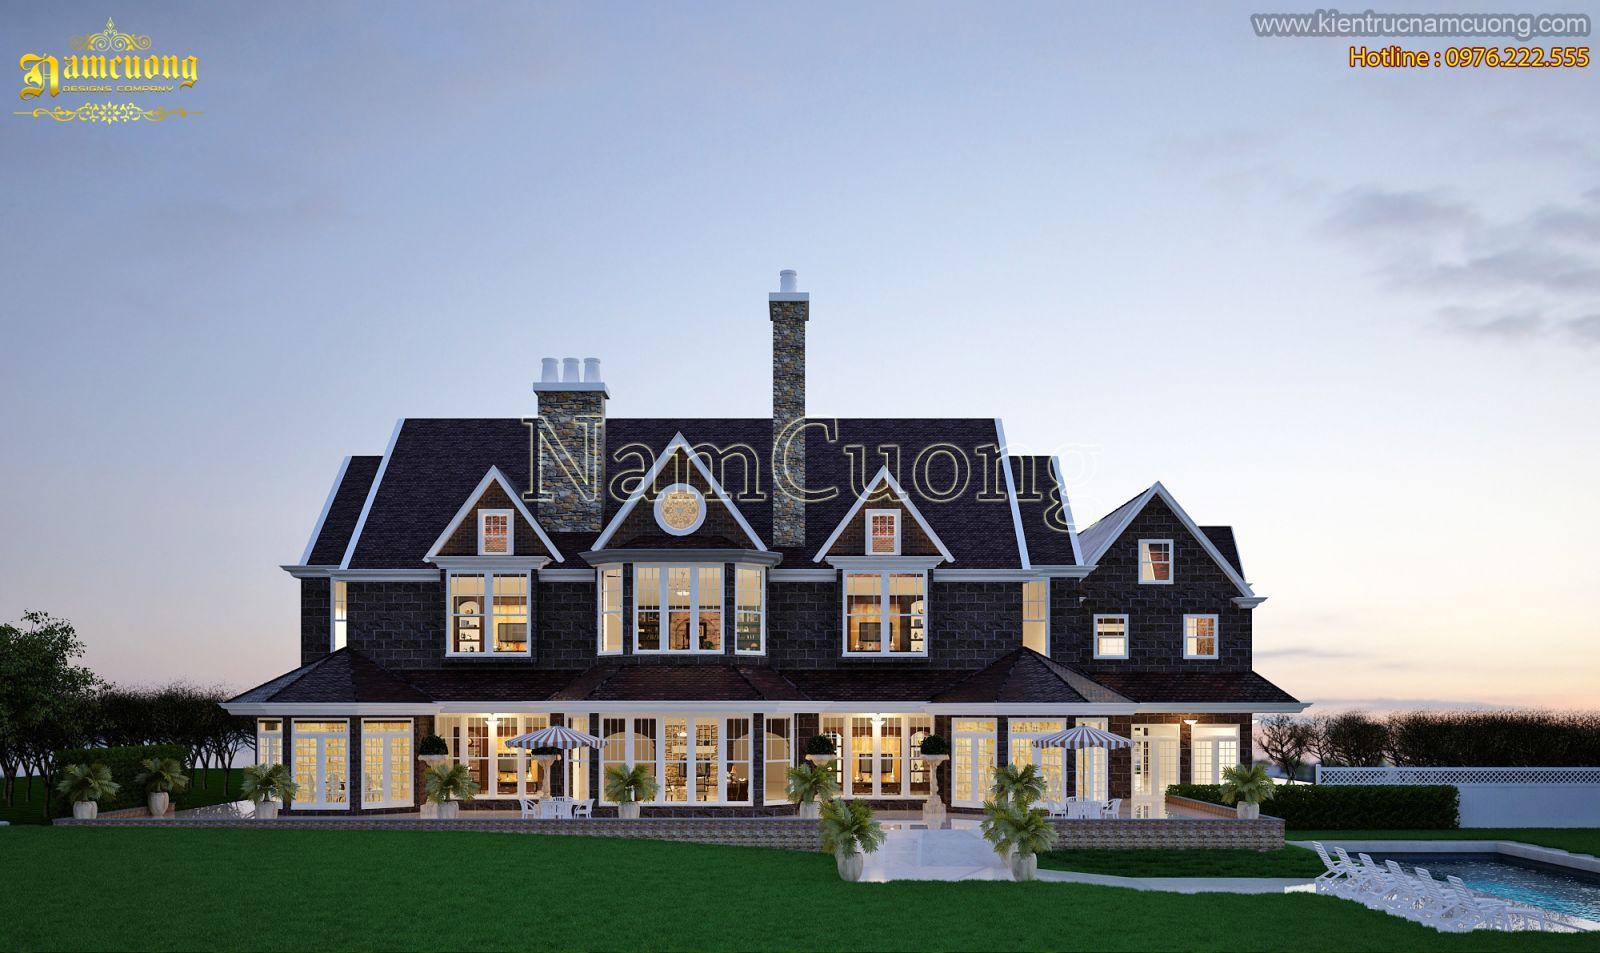 3 mẫu biệt thự phong cách châu Âu đẹp sang trọng của Kiến trúc Nam Cường